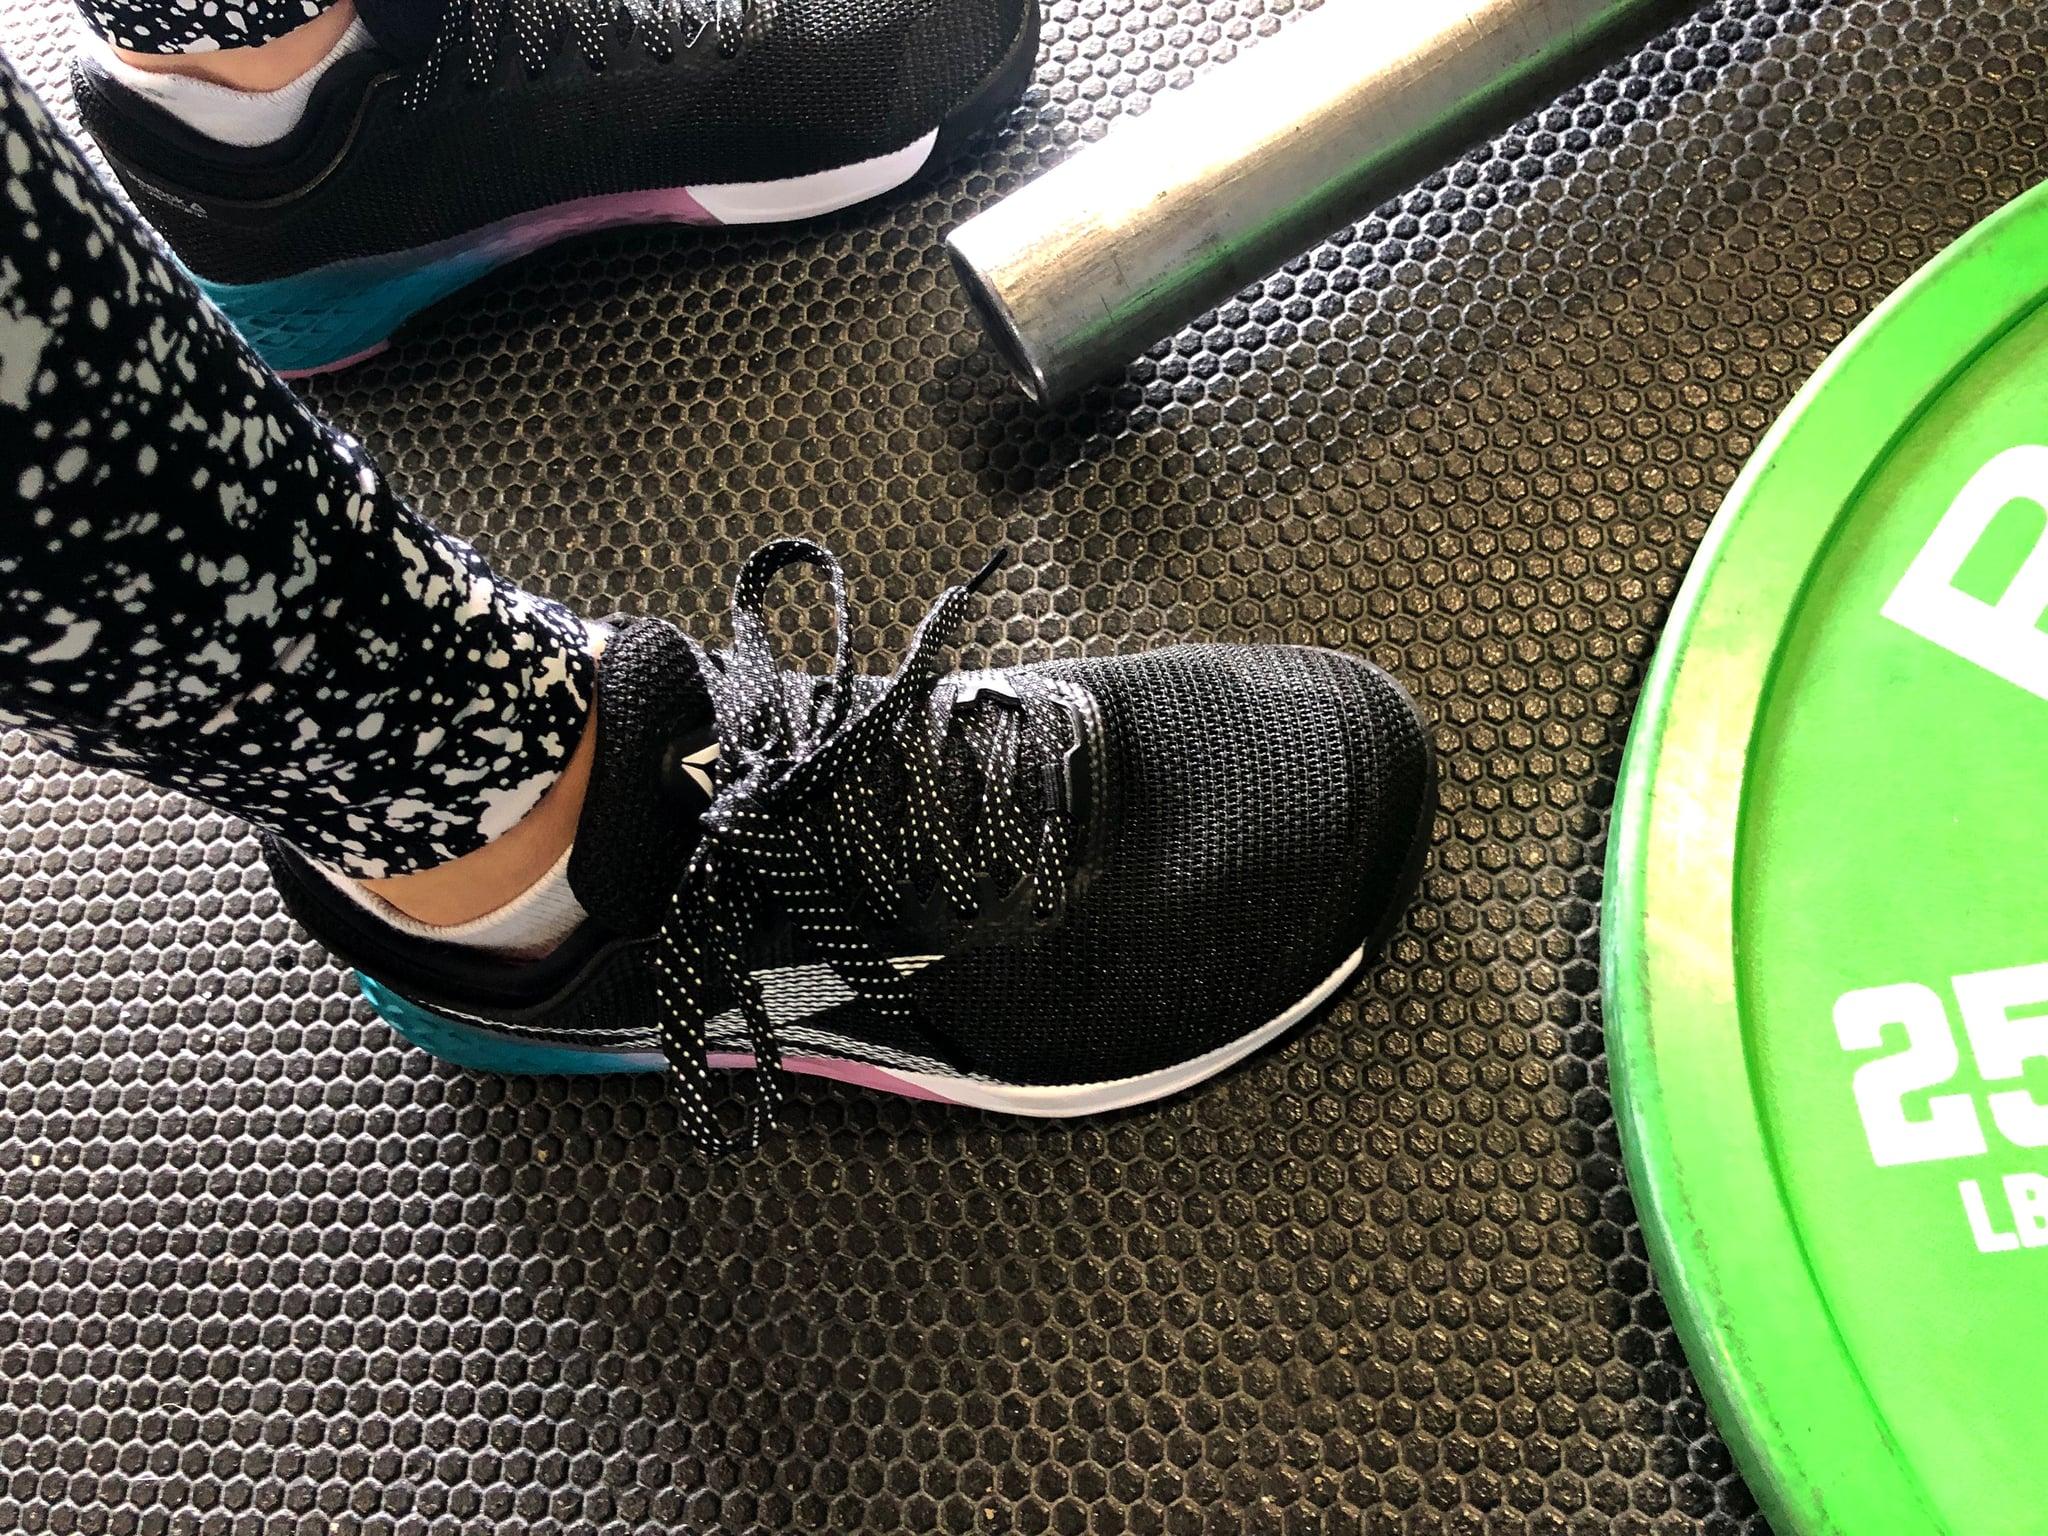 Reebok Nano 9 Sneaker Review For